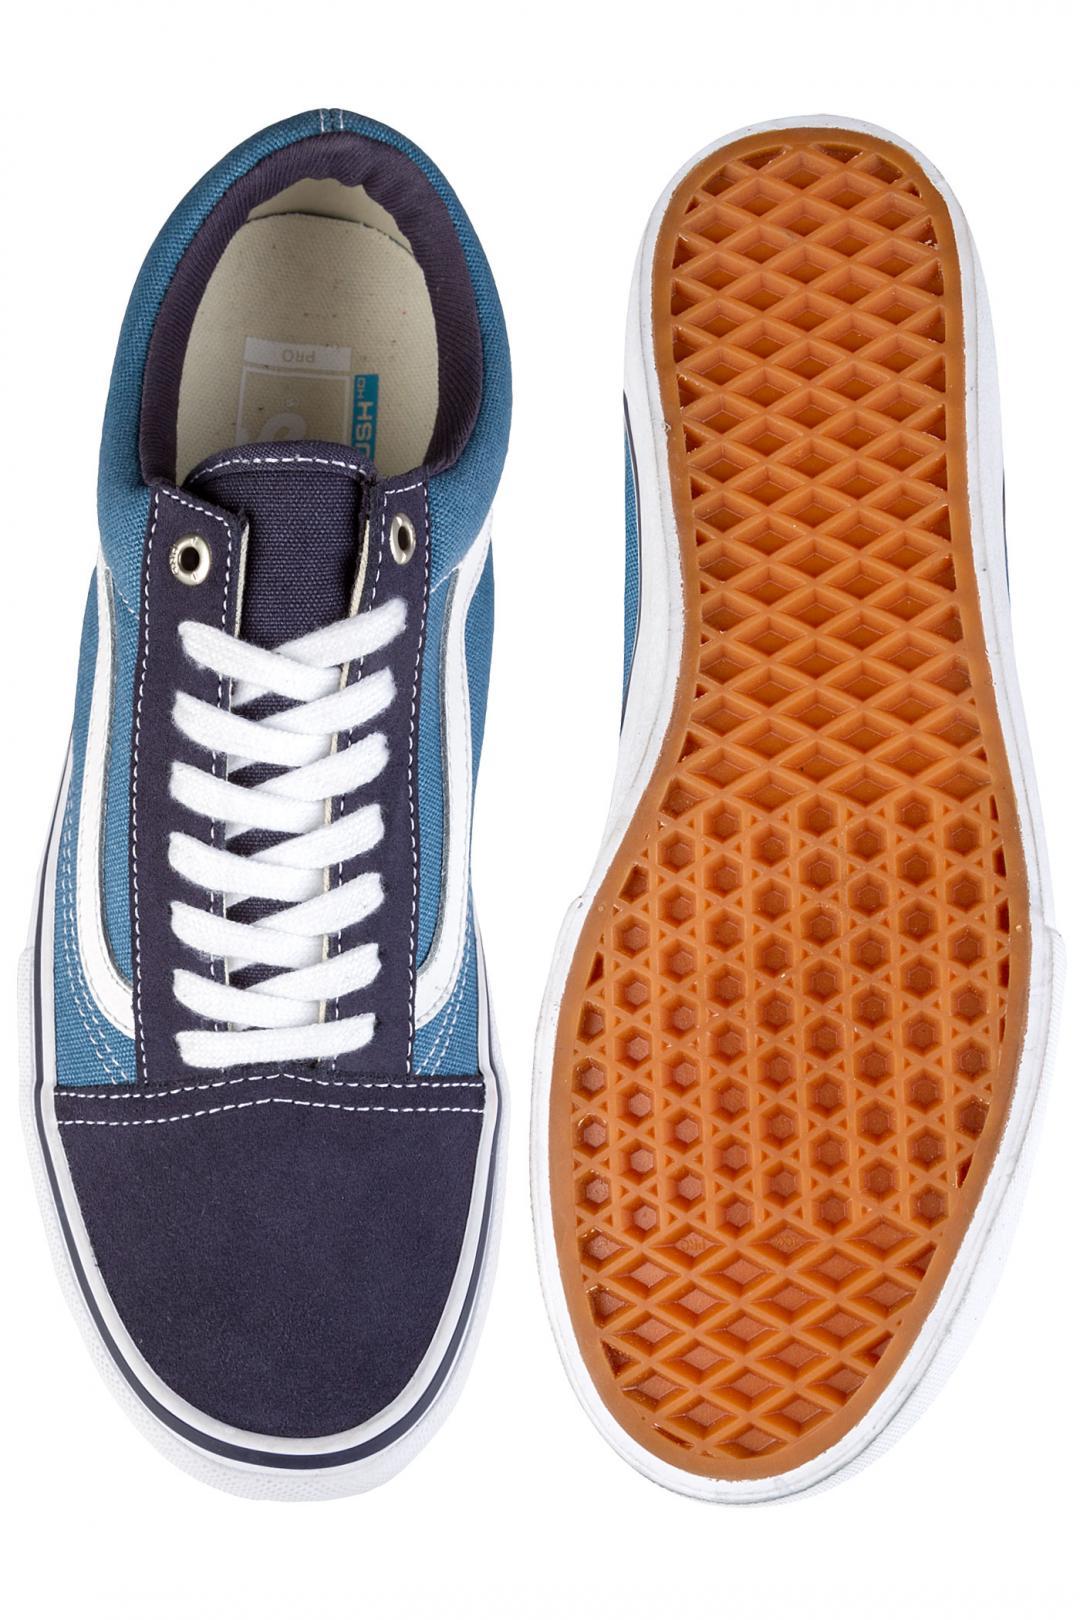 Uomo Vans Old Skool Pro navy stv navy white   Scarpe da skate